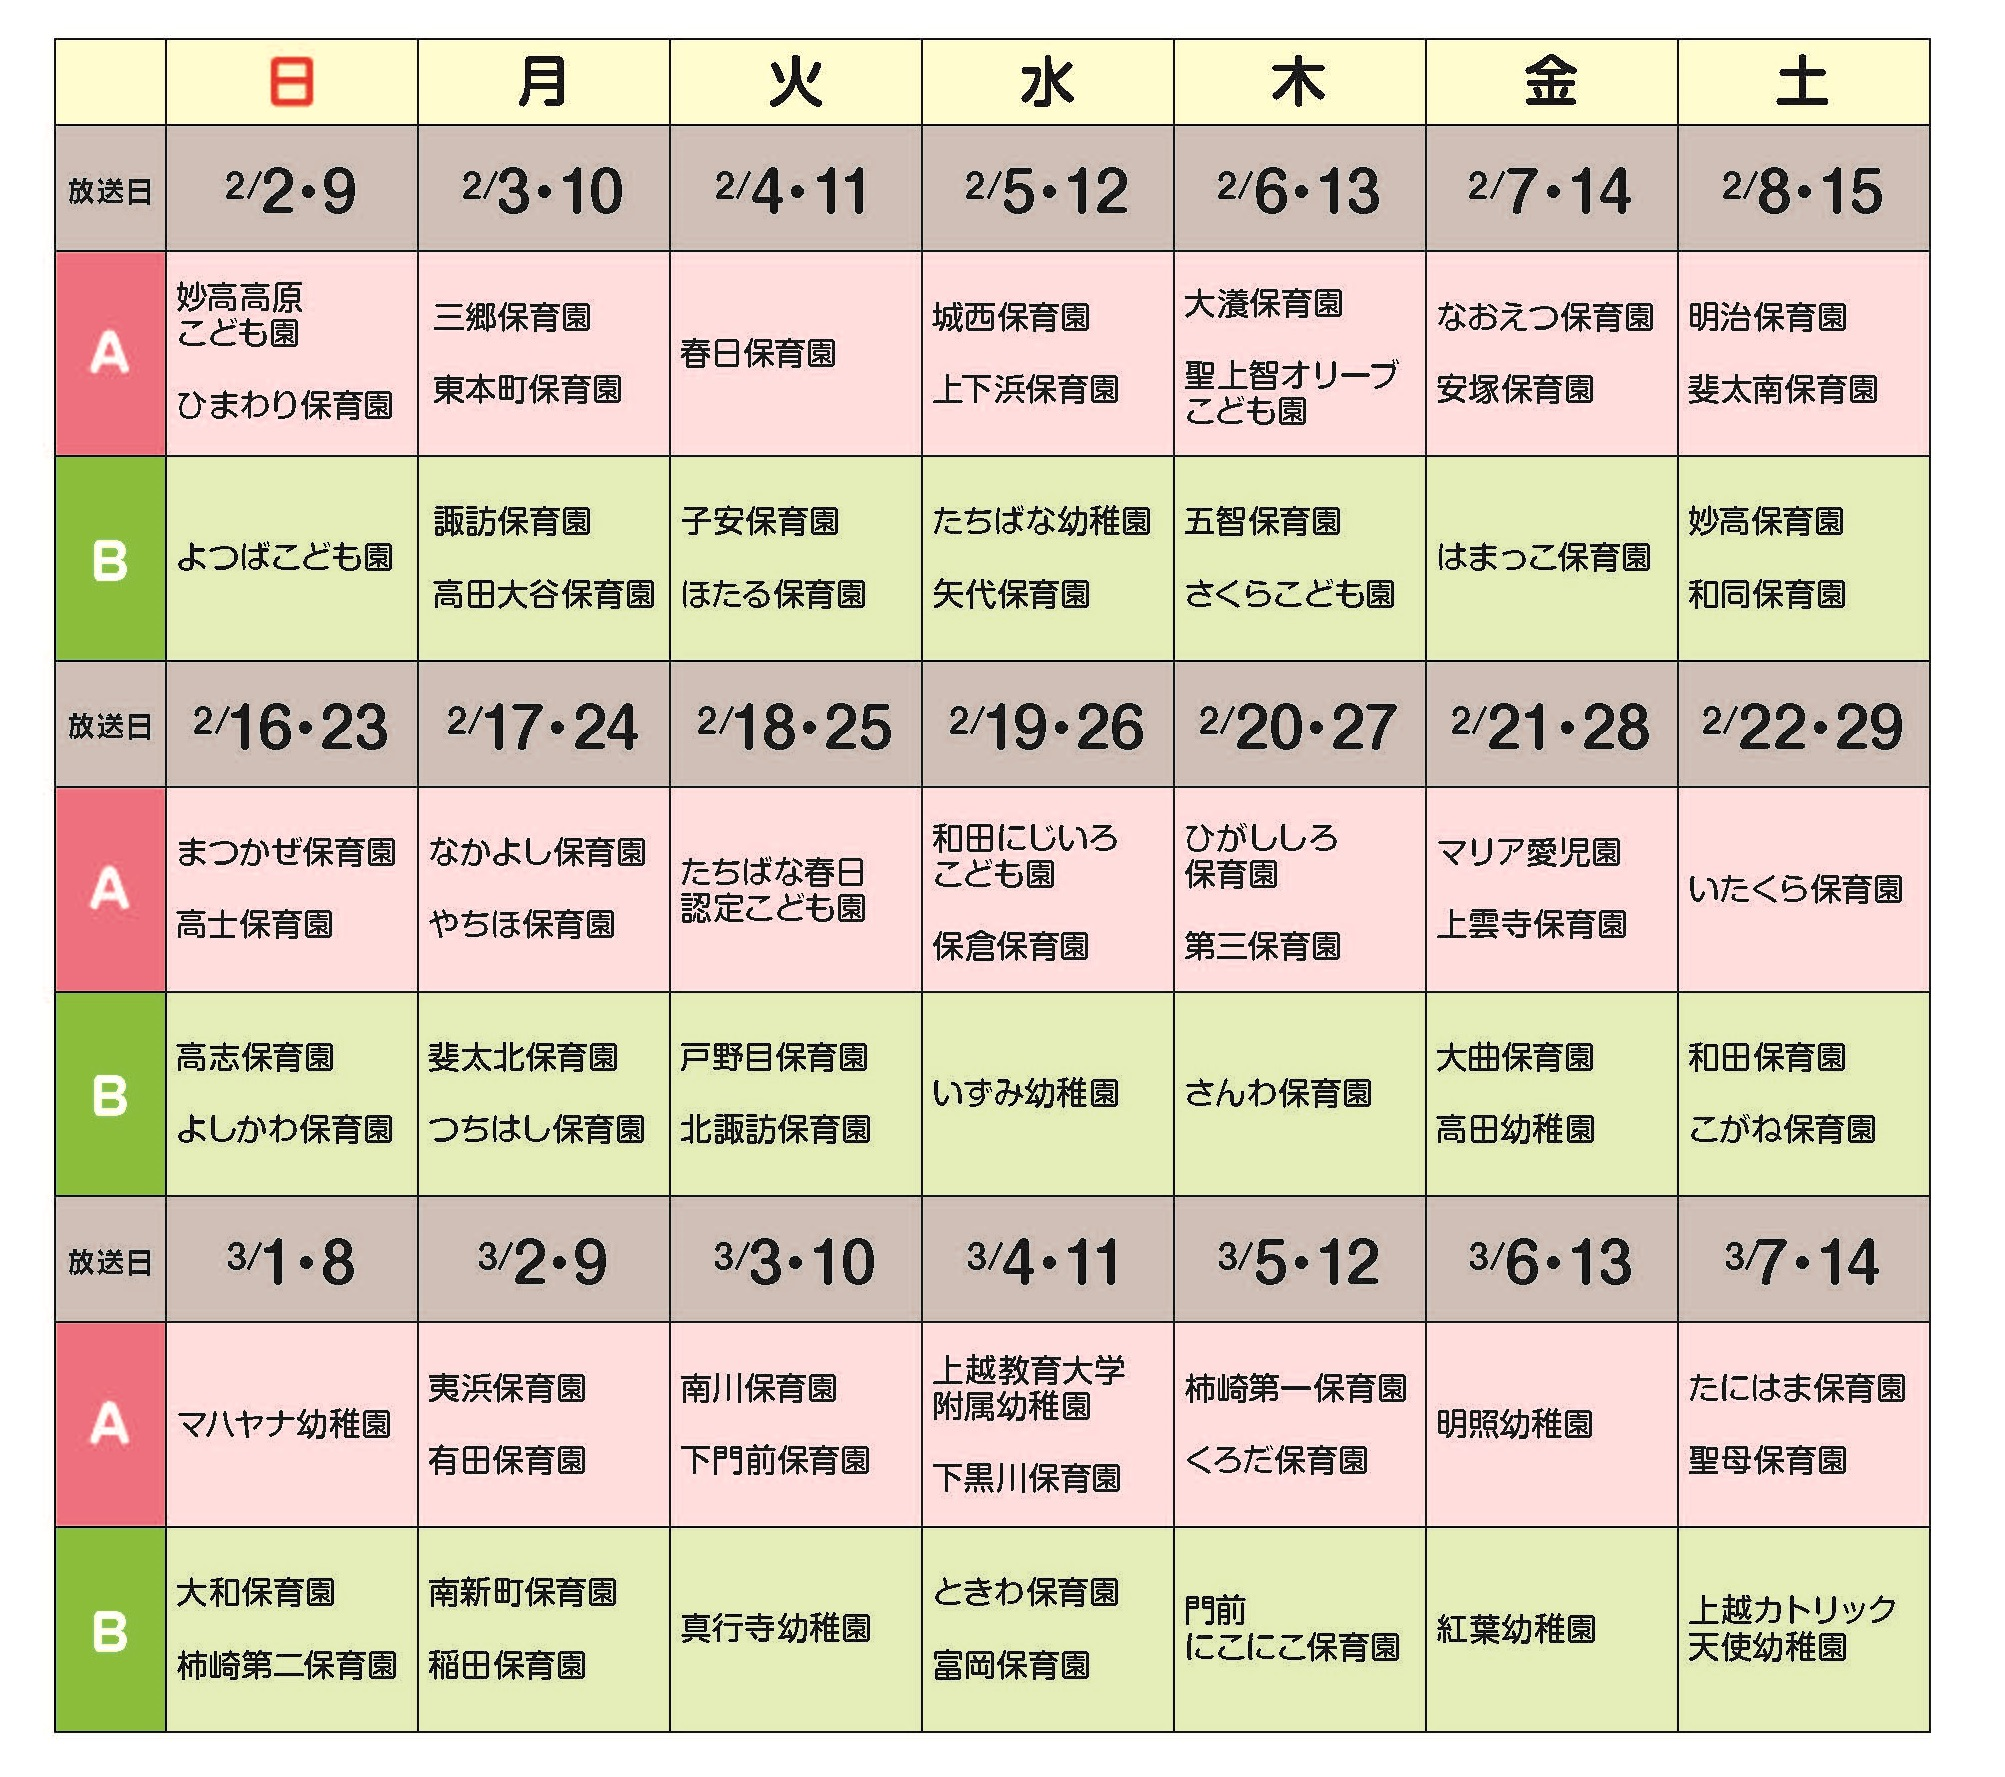 もうすぐ1年生-放送スケジュール表 (1)